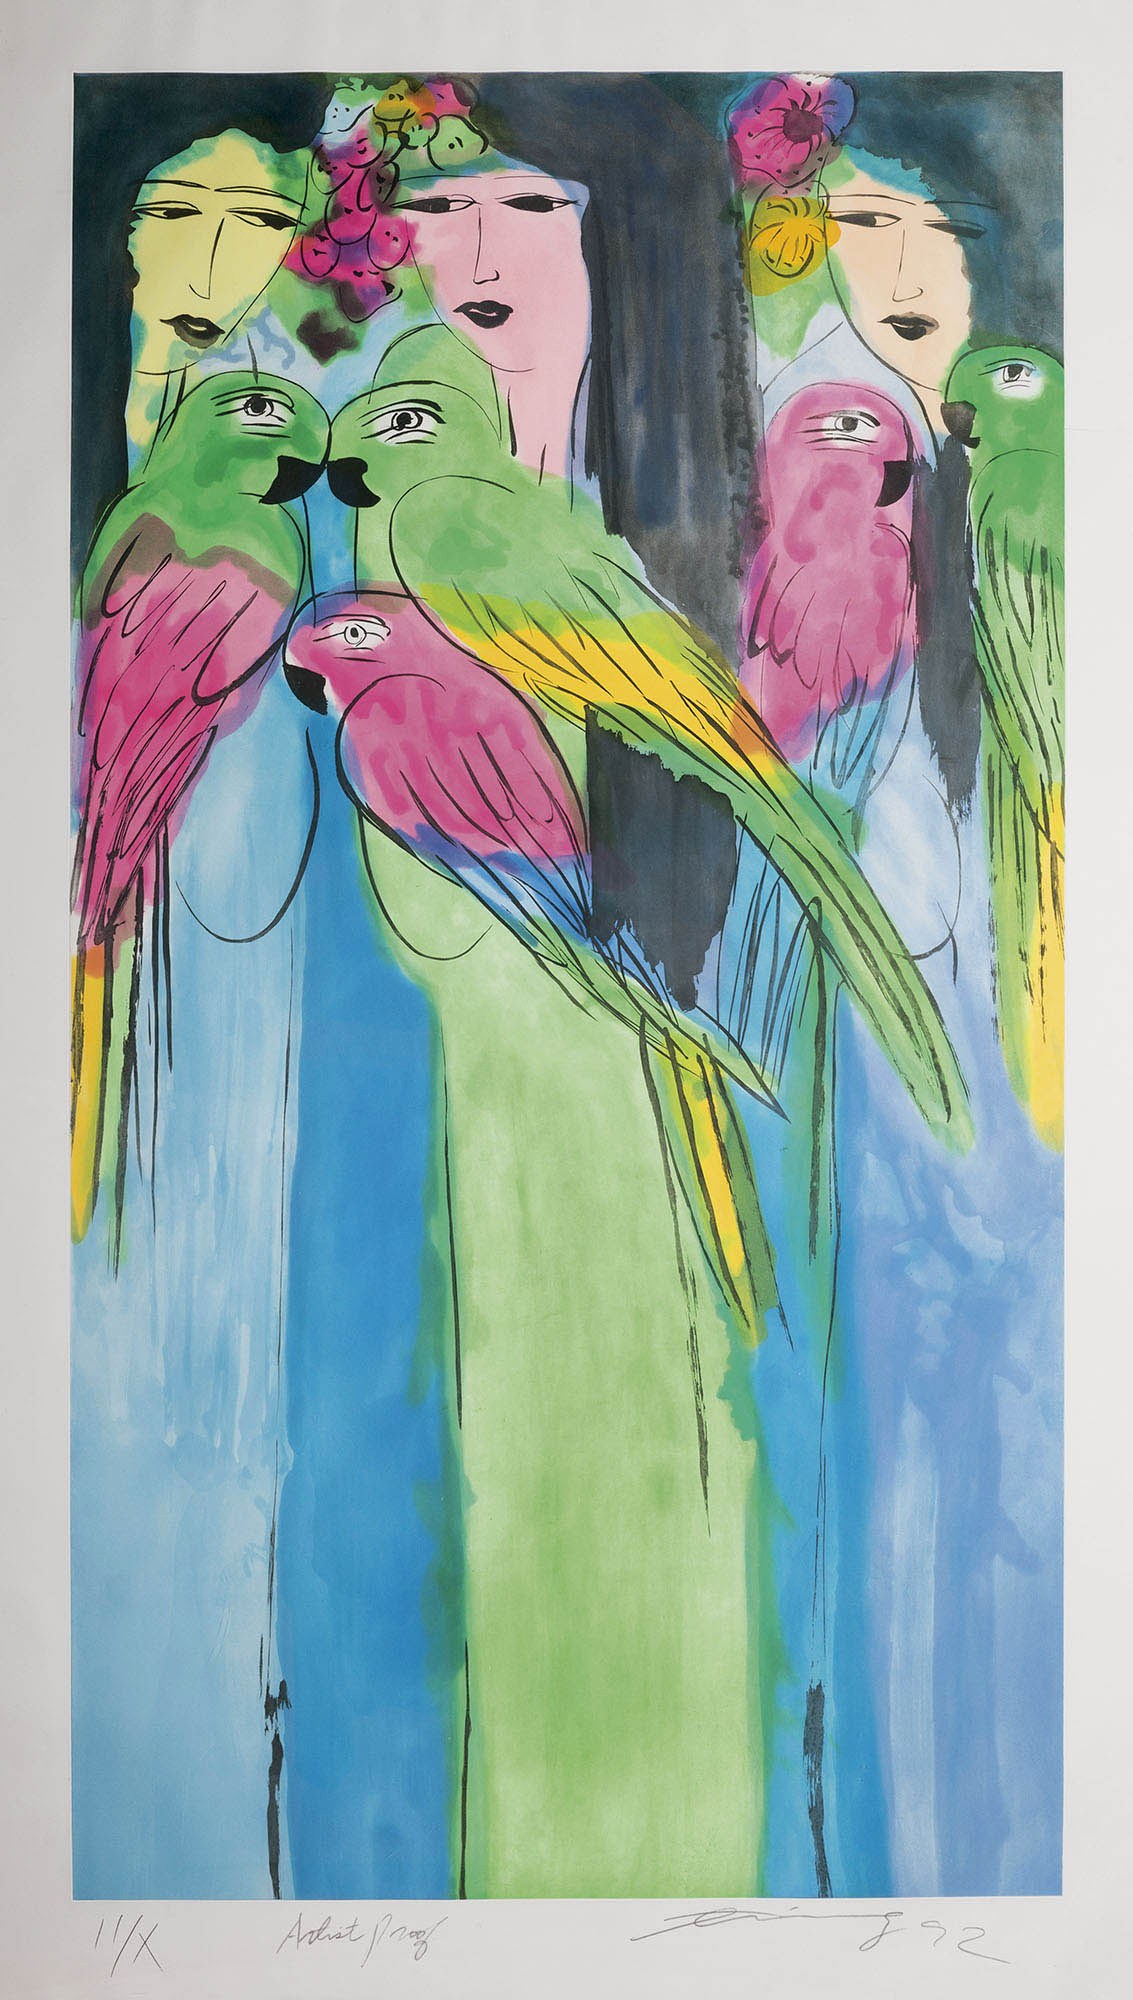 Senza titolo – donne con pappagalli, 1992